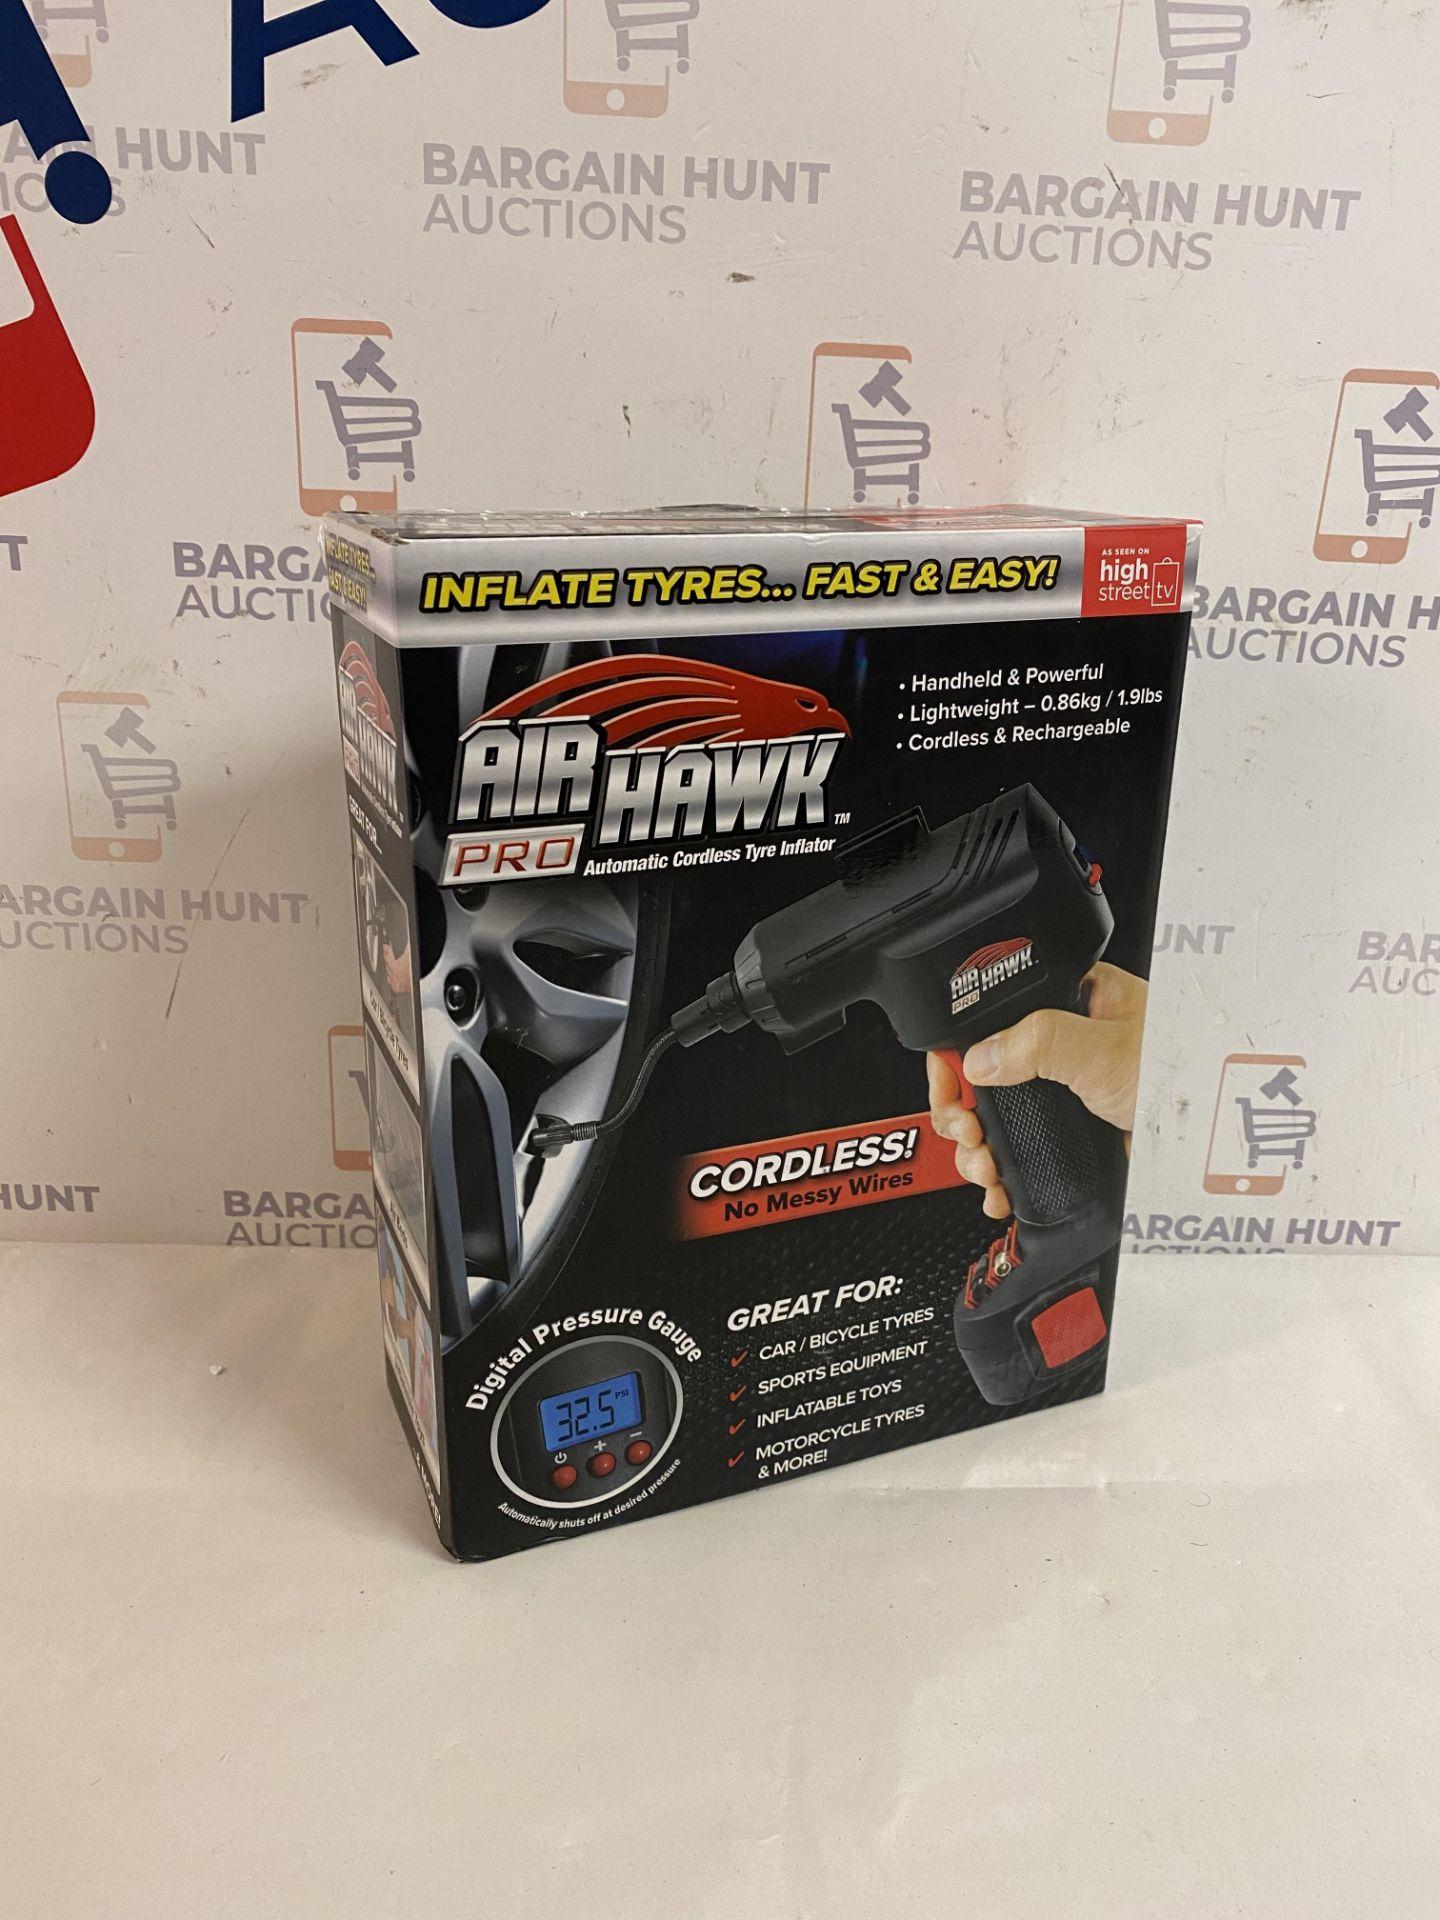   1x   Air Hawk Pro Compressor   Refurbished   No Online Resale   SKU 5060191466837   RRP £49.99  